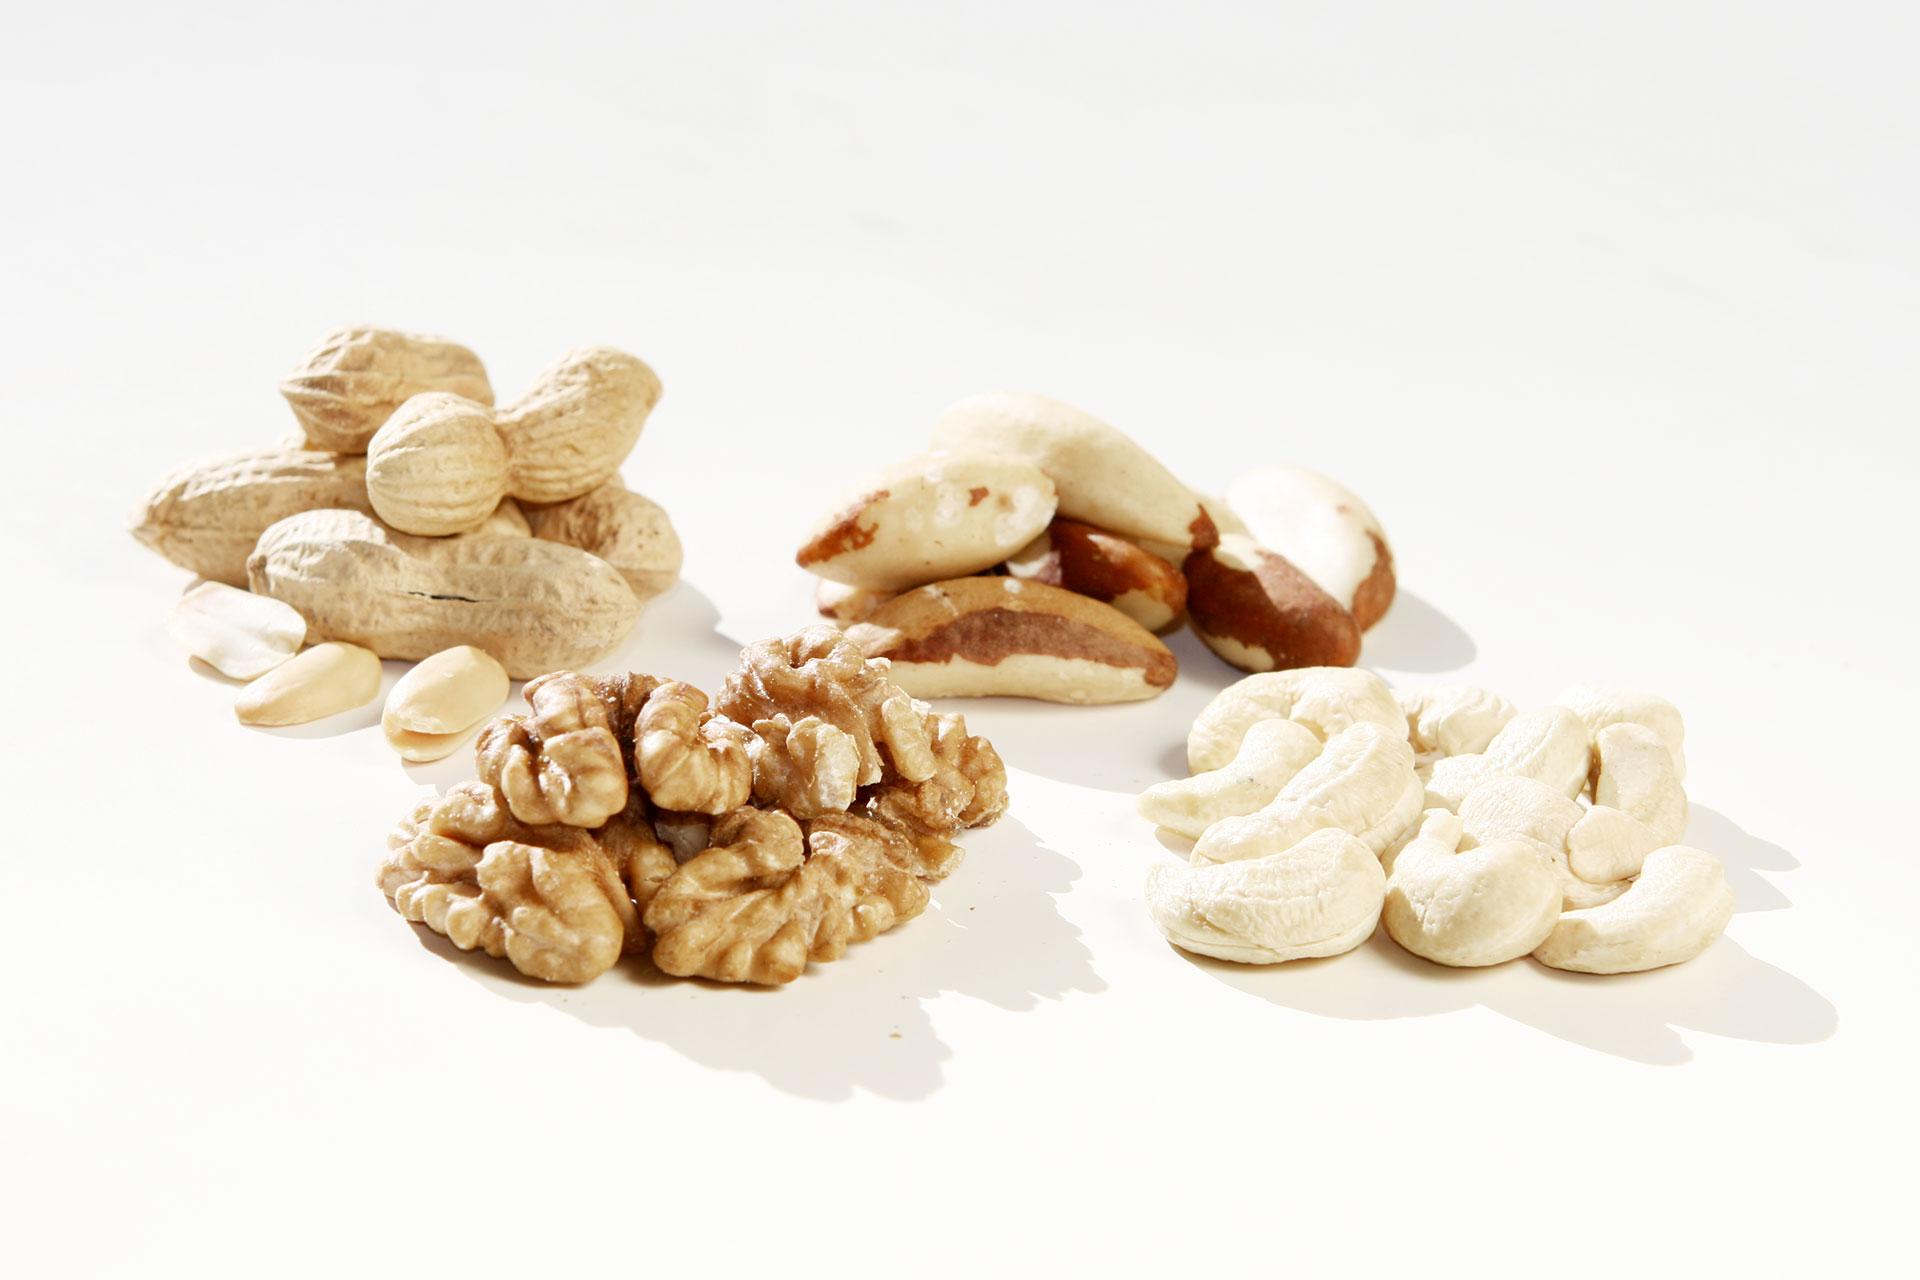 Jetzt gibt's was auf die Nüsse – Gesunde knackige Schnellmacher / Erdnuss, Walnuss, Paranuss und Cashew © stefandrexl.de